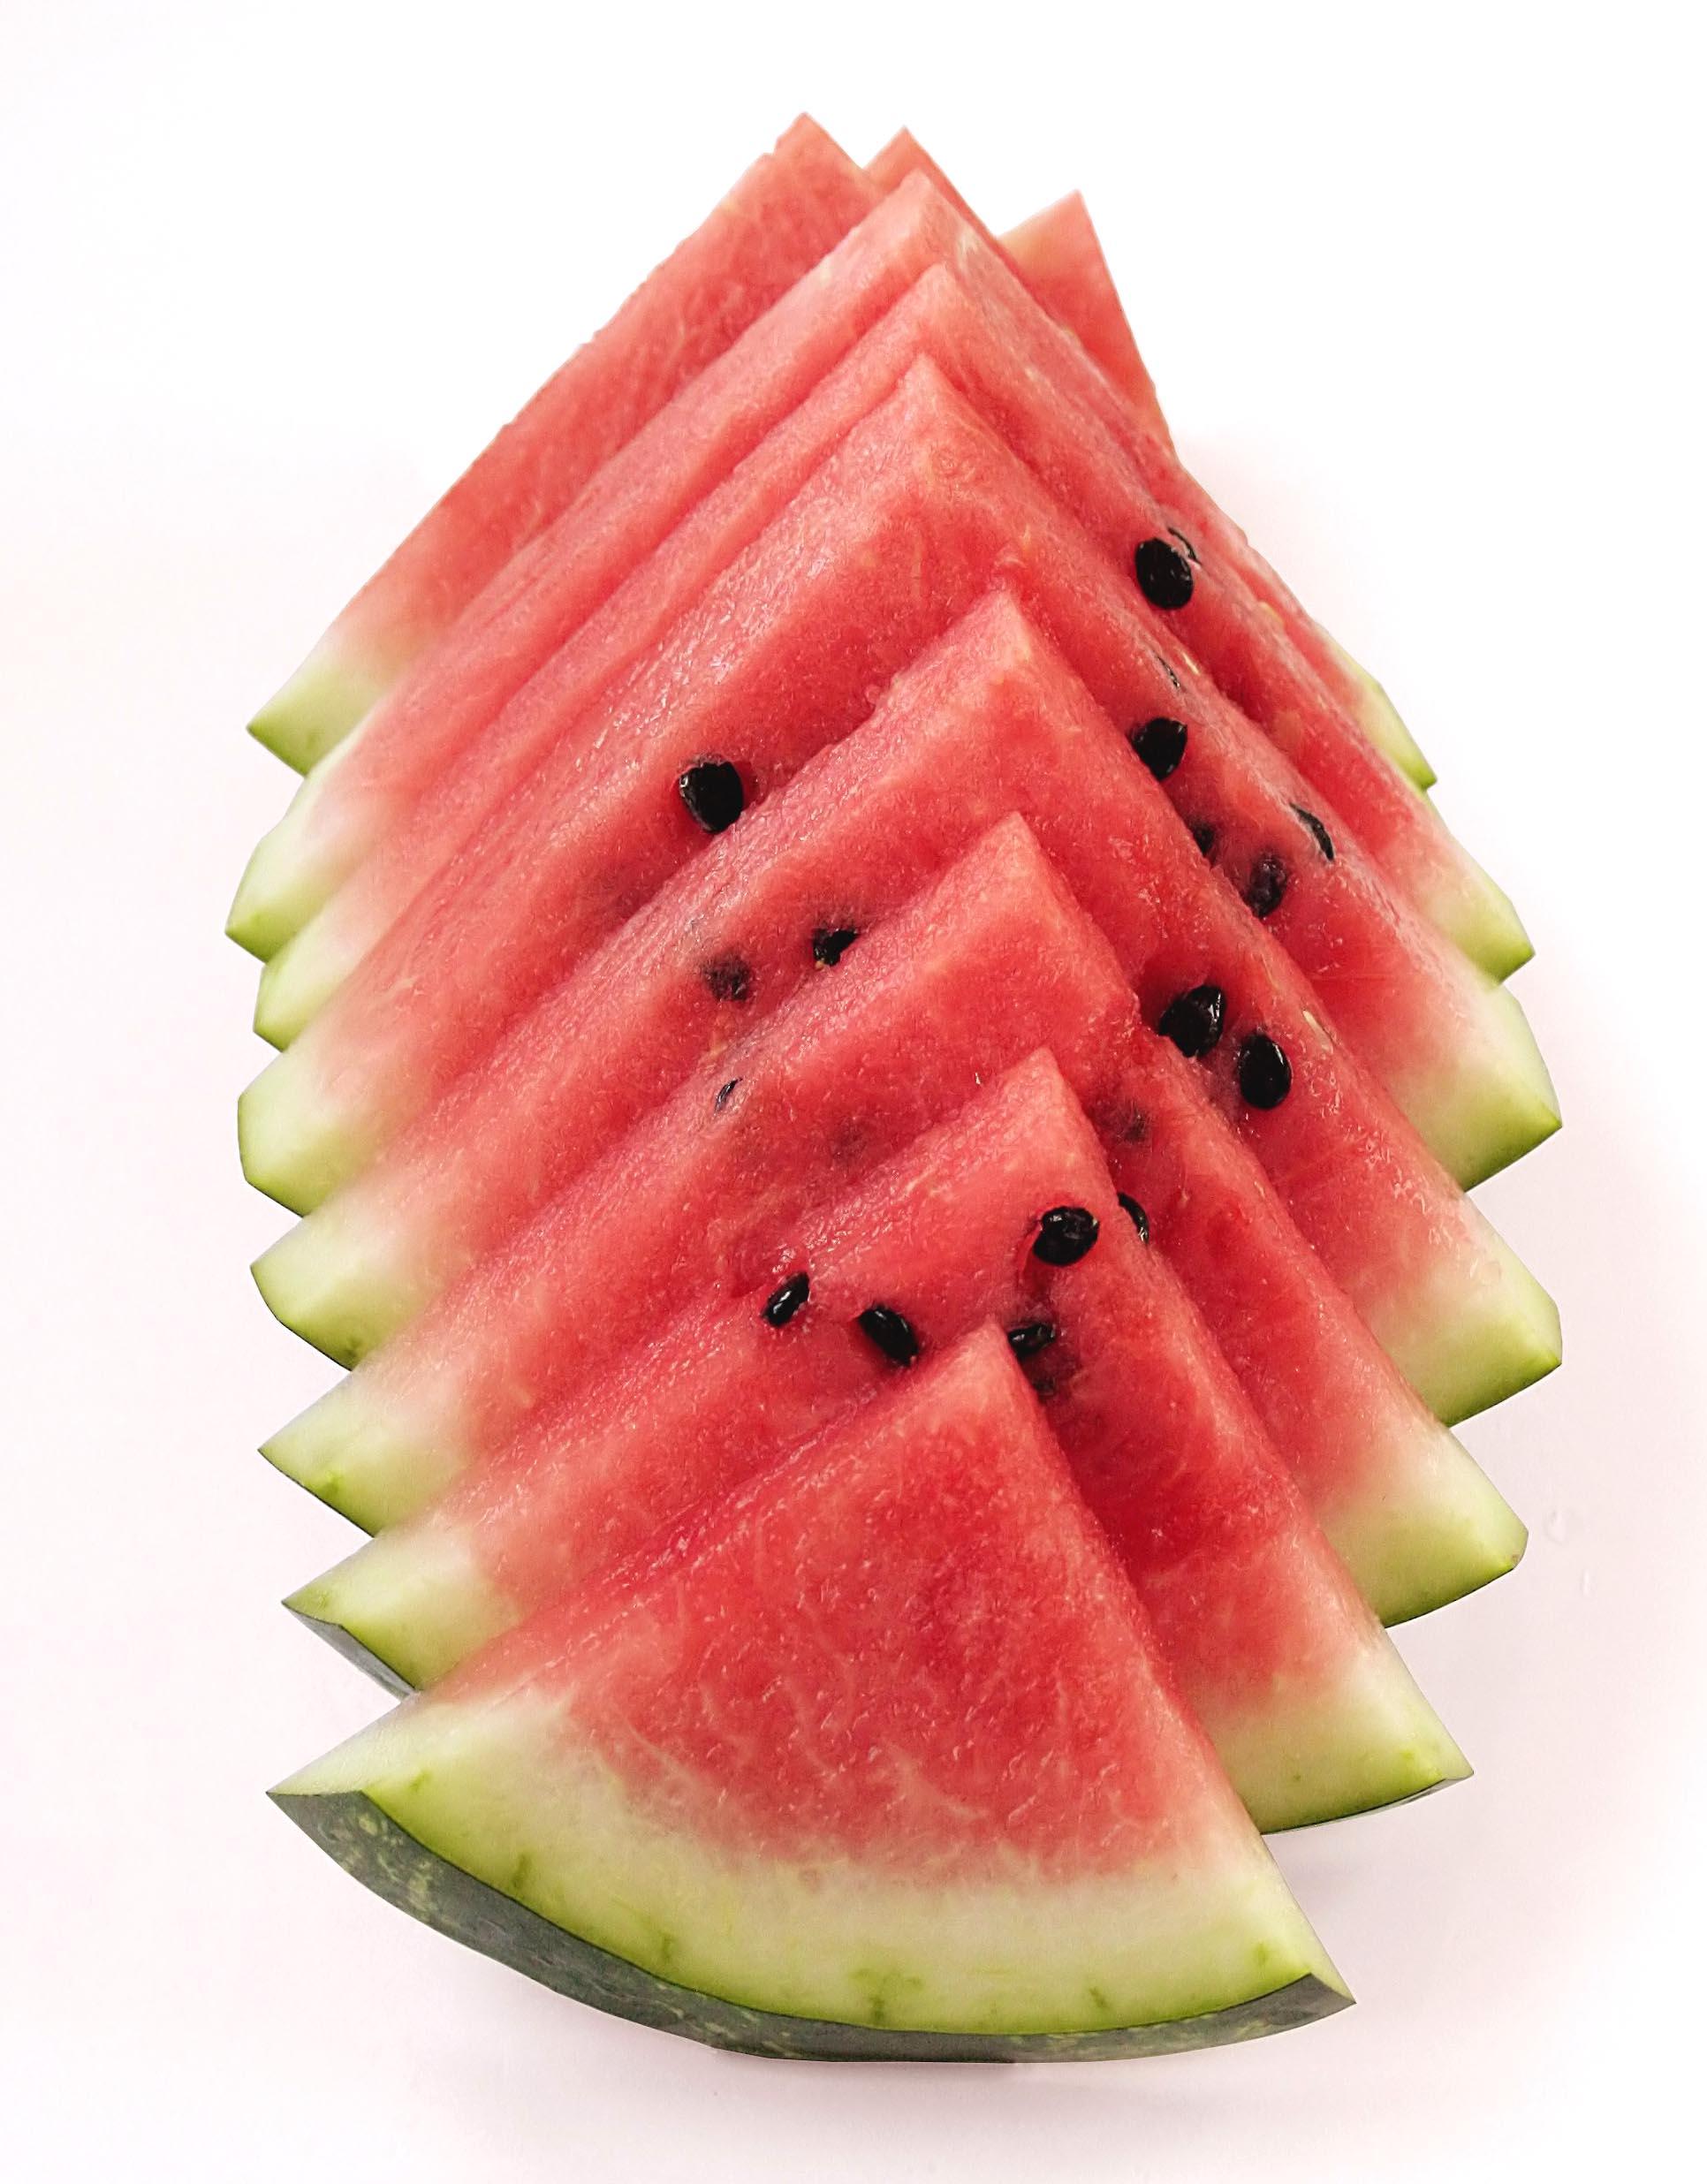 Melon viagra